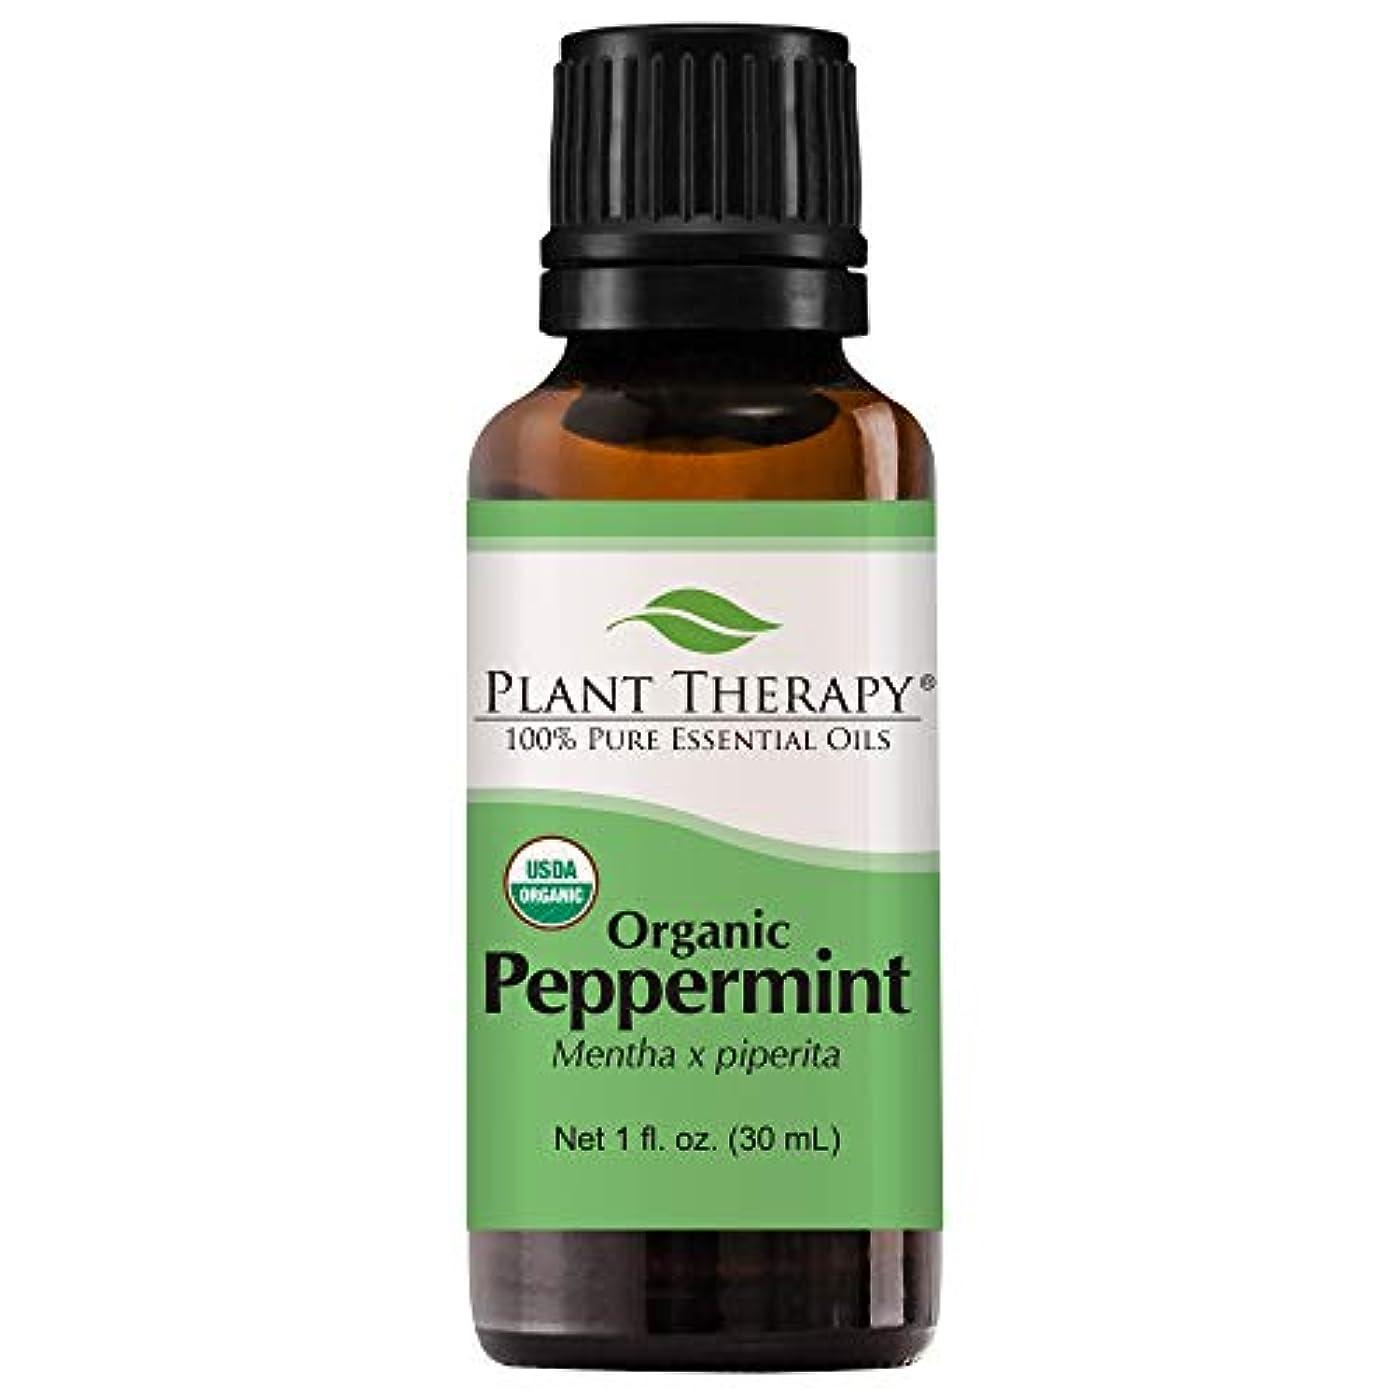 ハーブ見分ける息子植物セラピーUSDA認定オーガニックペパーミントエッセンシャルオイル。 100%ピュア、希釈していない、治療グレード。 30mLの(1オンス)。